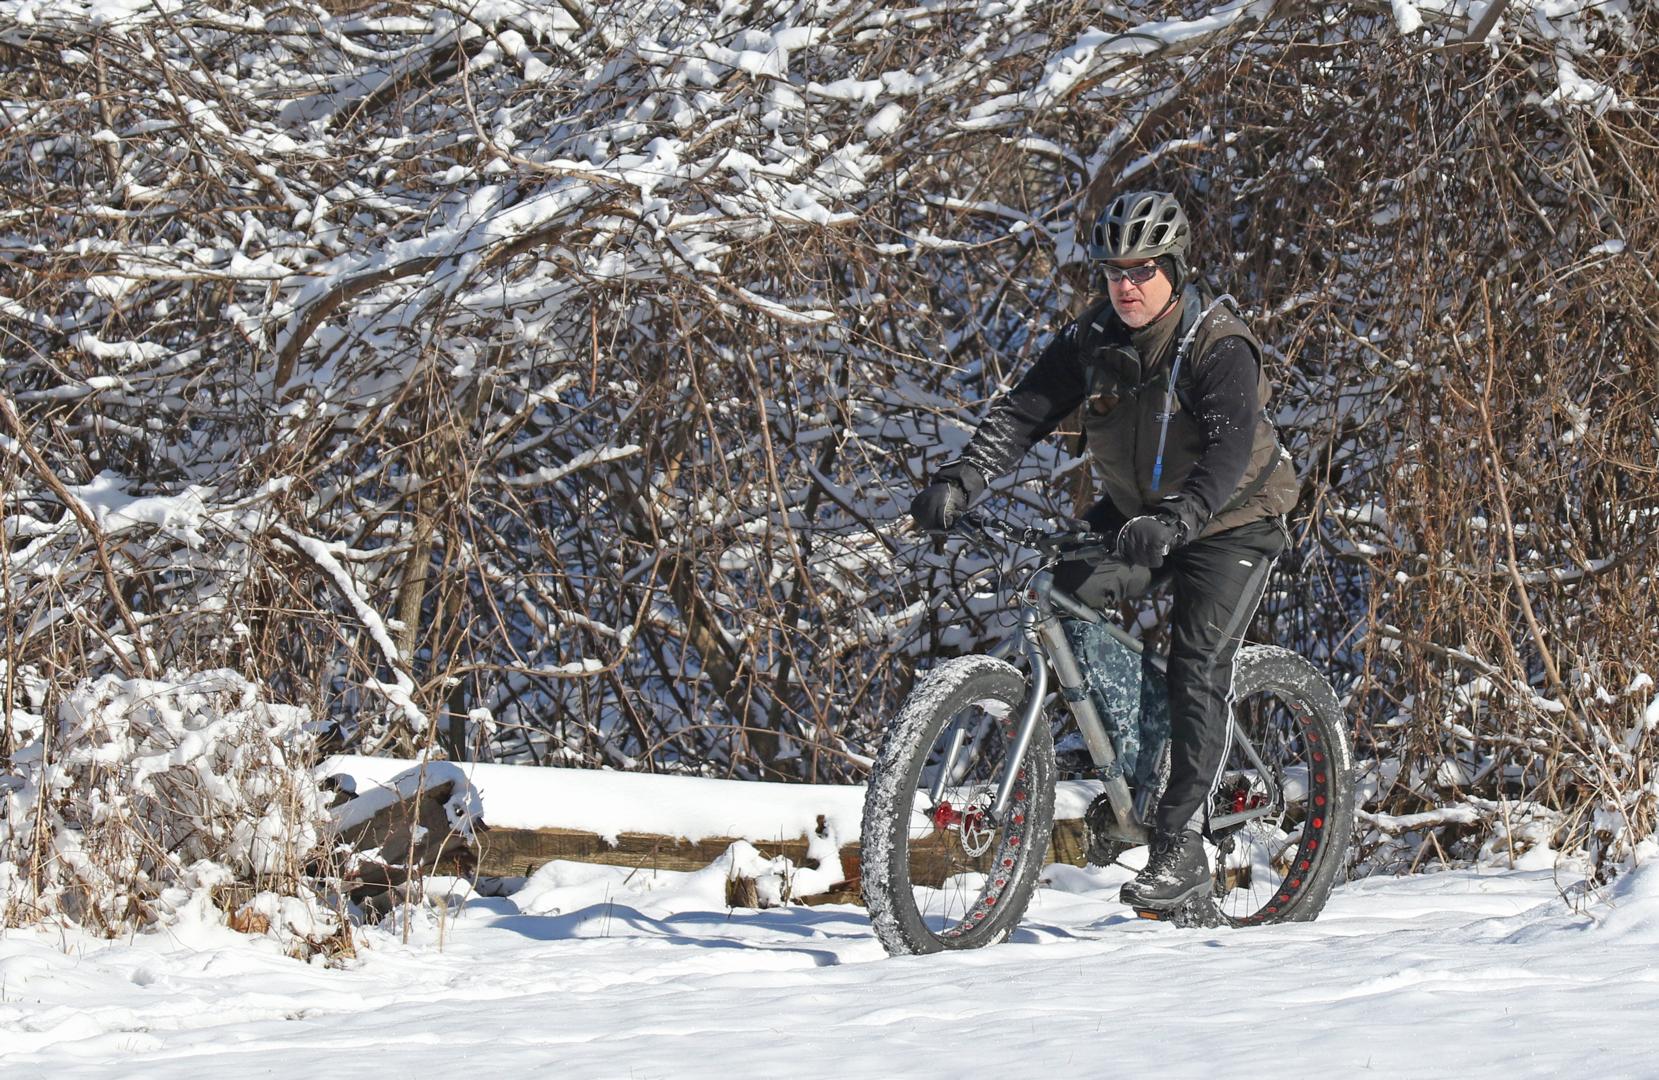 1080_chr_rider-on-snowie-mountain-bike-trail_d-bissonette